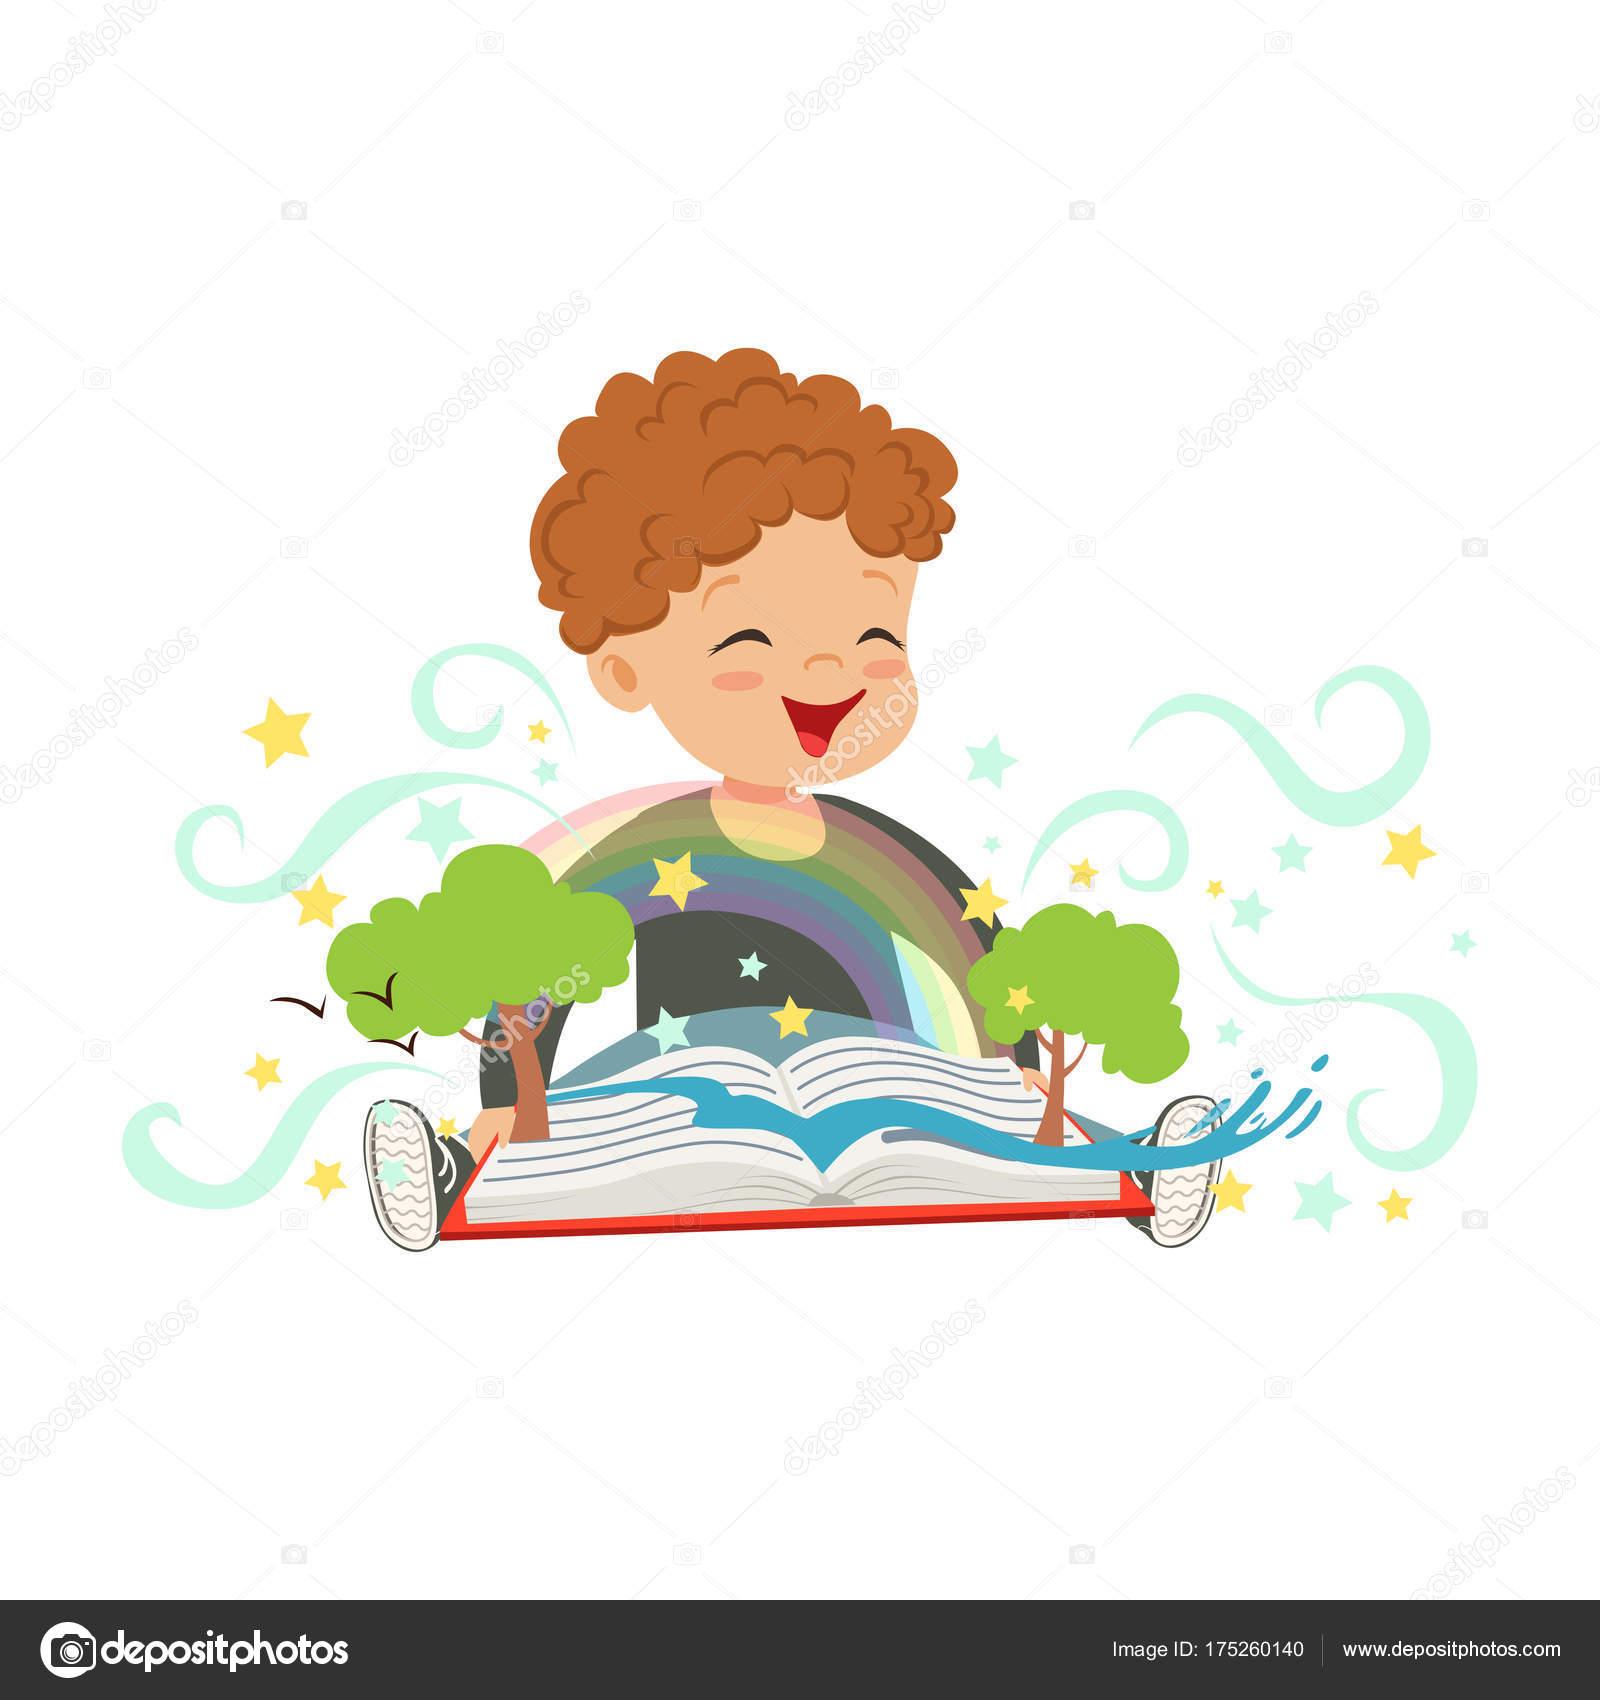 1a8fca336d Imádnivaló baba fiú birtoklás móka-val pukkanás-megjelöl varázskönyv. Vidám  gyerek karakter színes fantázia. Fantasy koncepció.